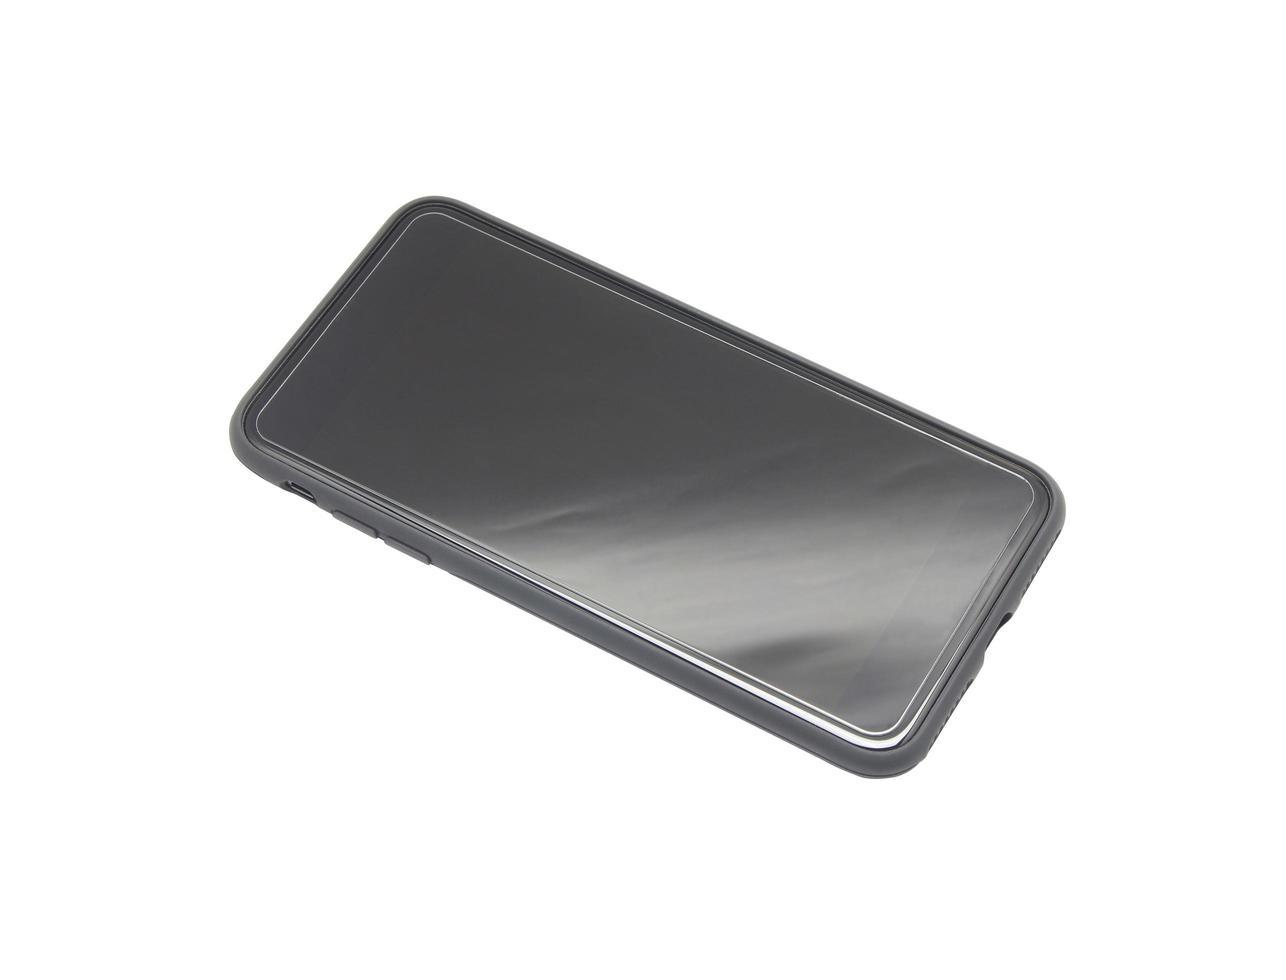 smartphone isolato su sfondo bianco foto